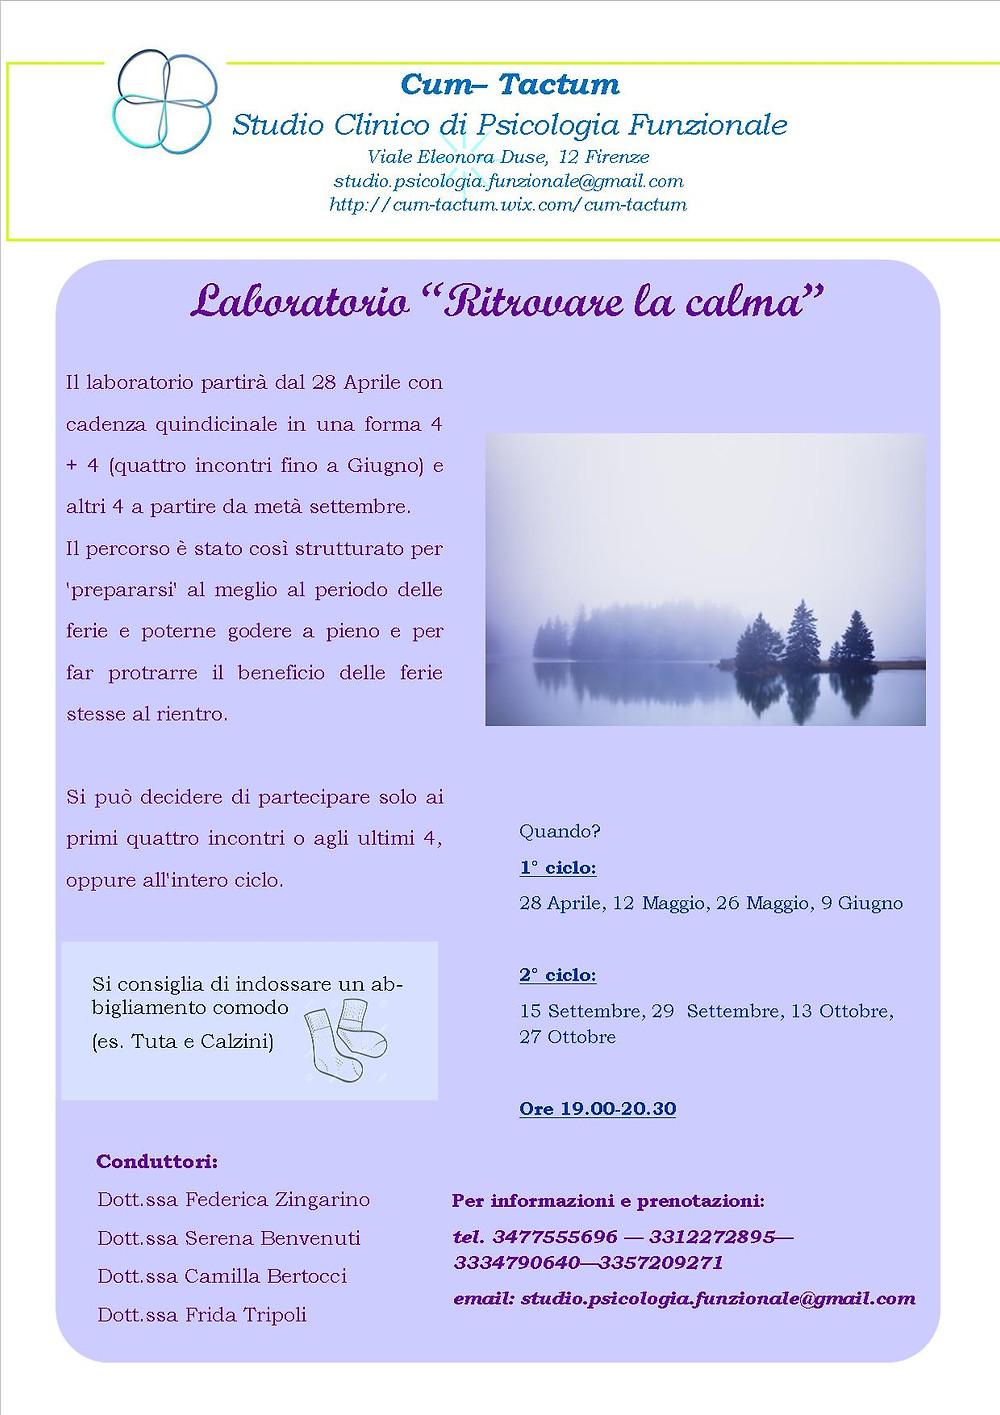 Psicologia Funzionale Firenze Antistress Psicologo